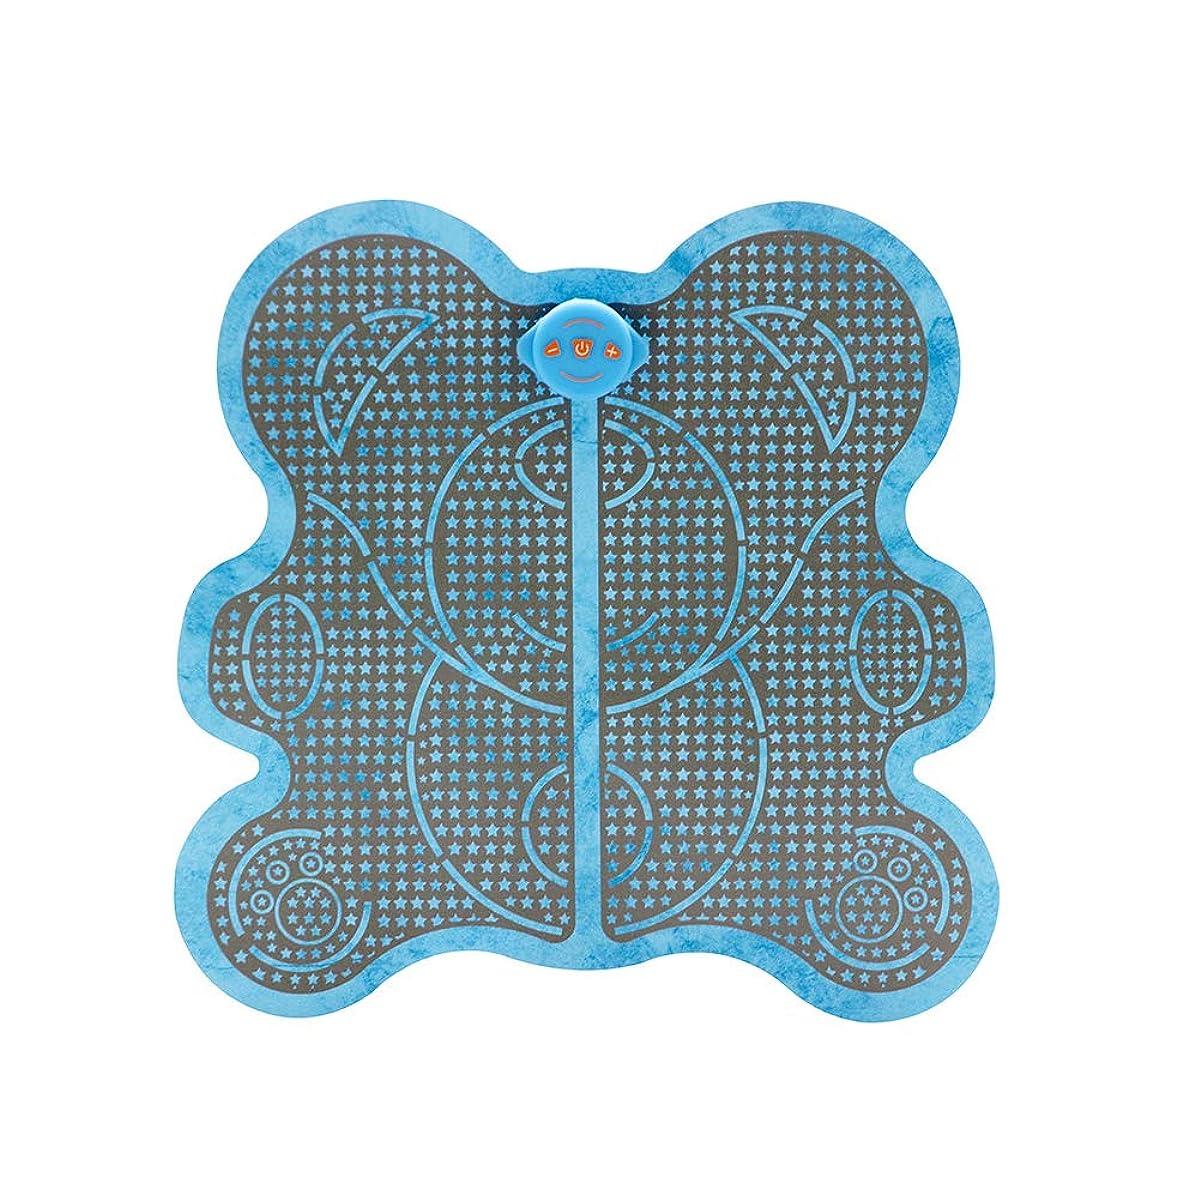 シリアル突っ込む損失Sanwer フットマッサージャー EMS理学療法 フットマッサージクッション 足裏マッサージ機 フットマッサージャー 足指圧マッサージマット EMSリモートコントロール マッサージマット EMSフットマッサージャー 足刺激装置 EMSフットマッサージャークッション 調整可能 電動足裏マッサージ 筋肉刺激 血液循環